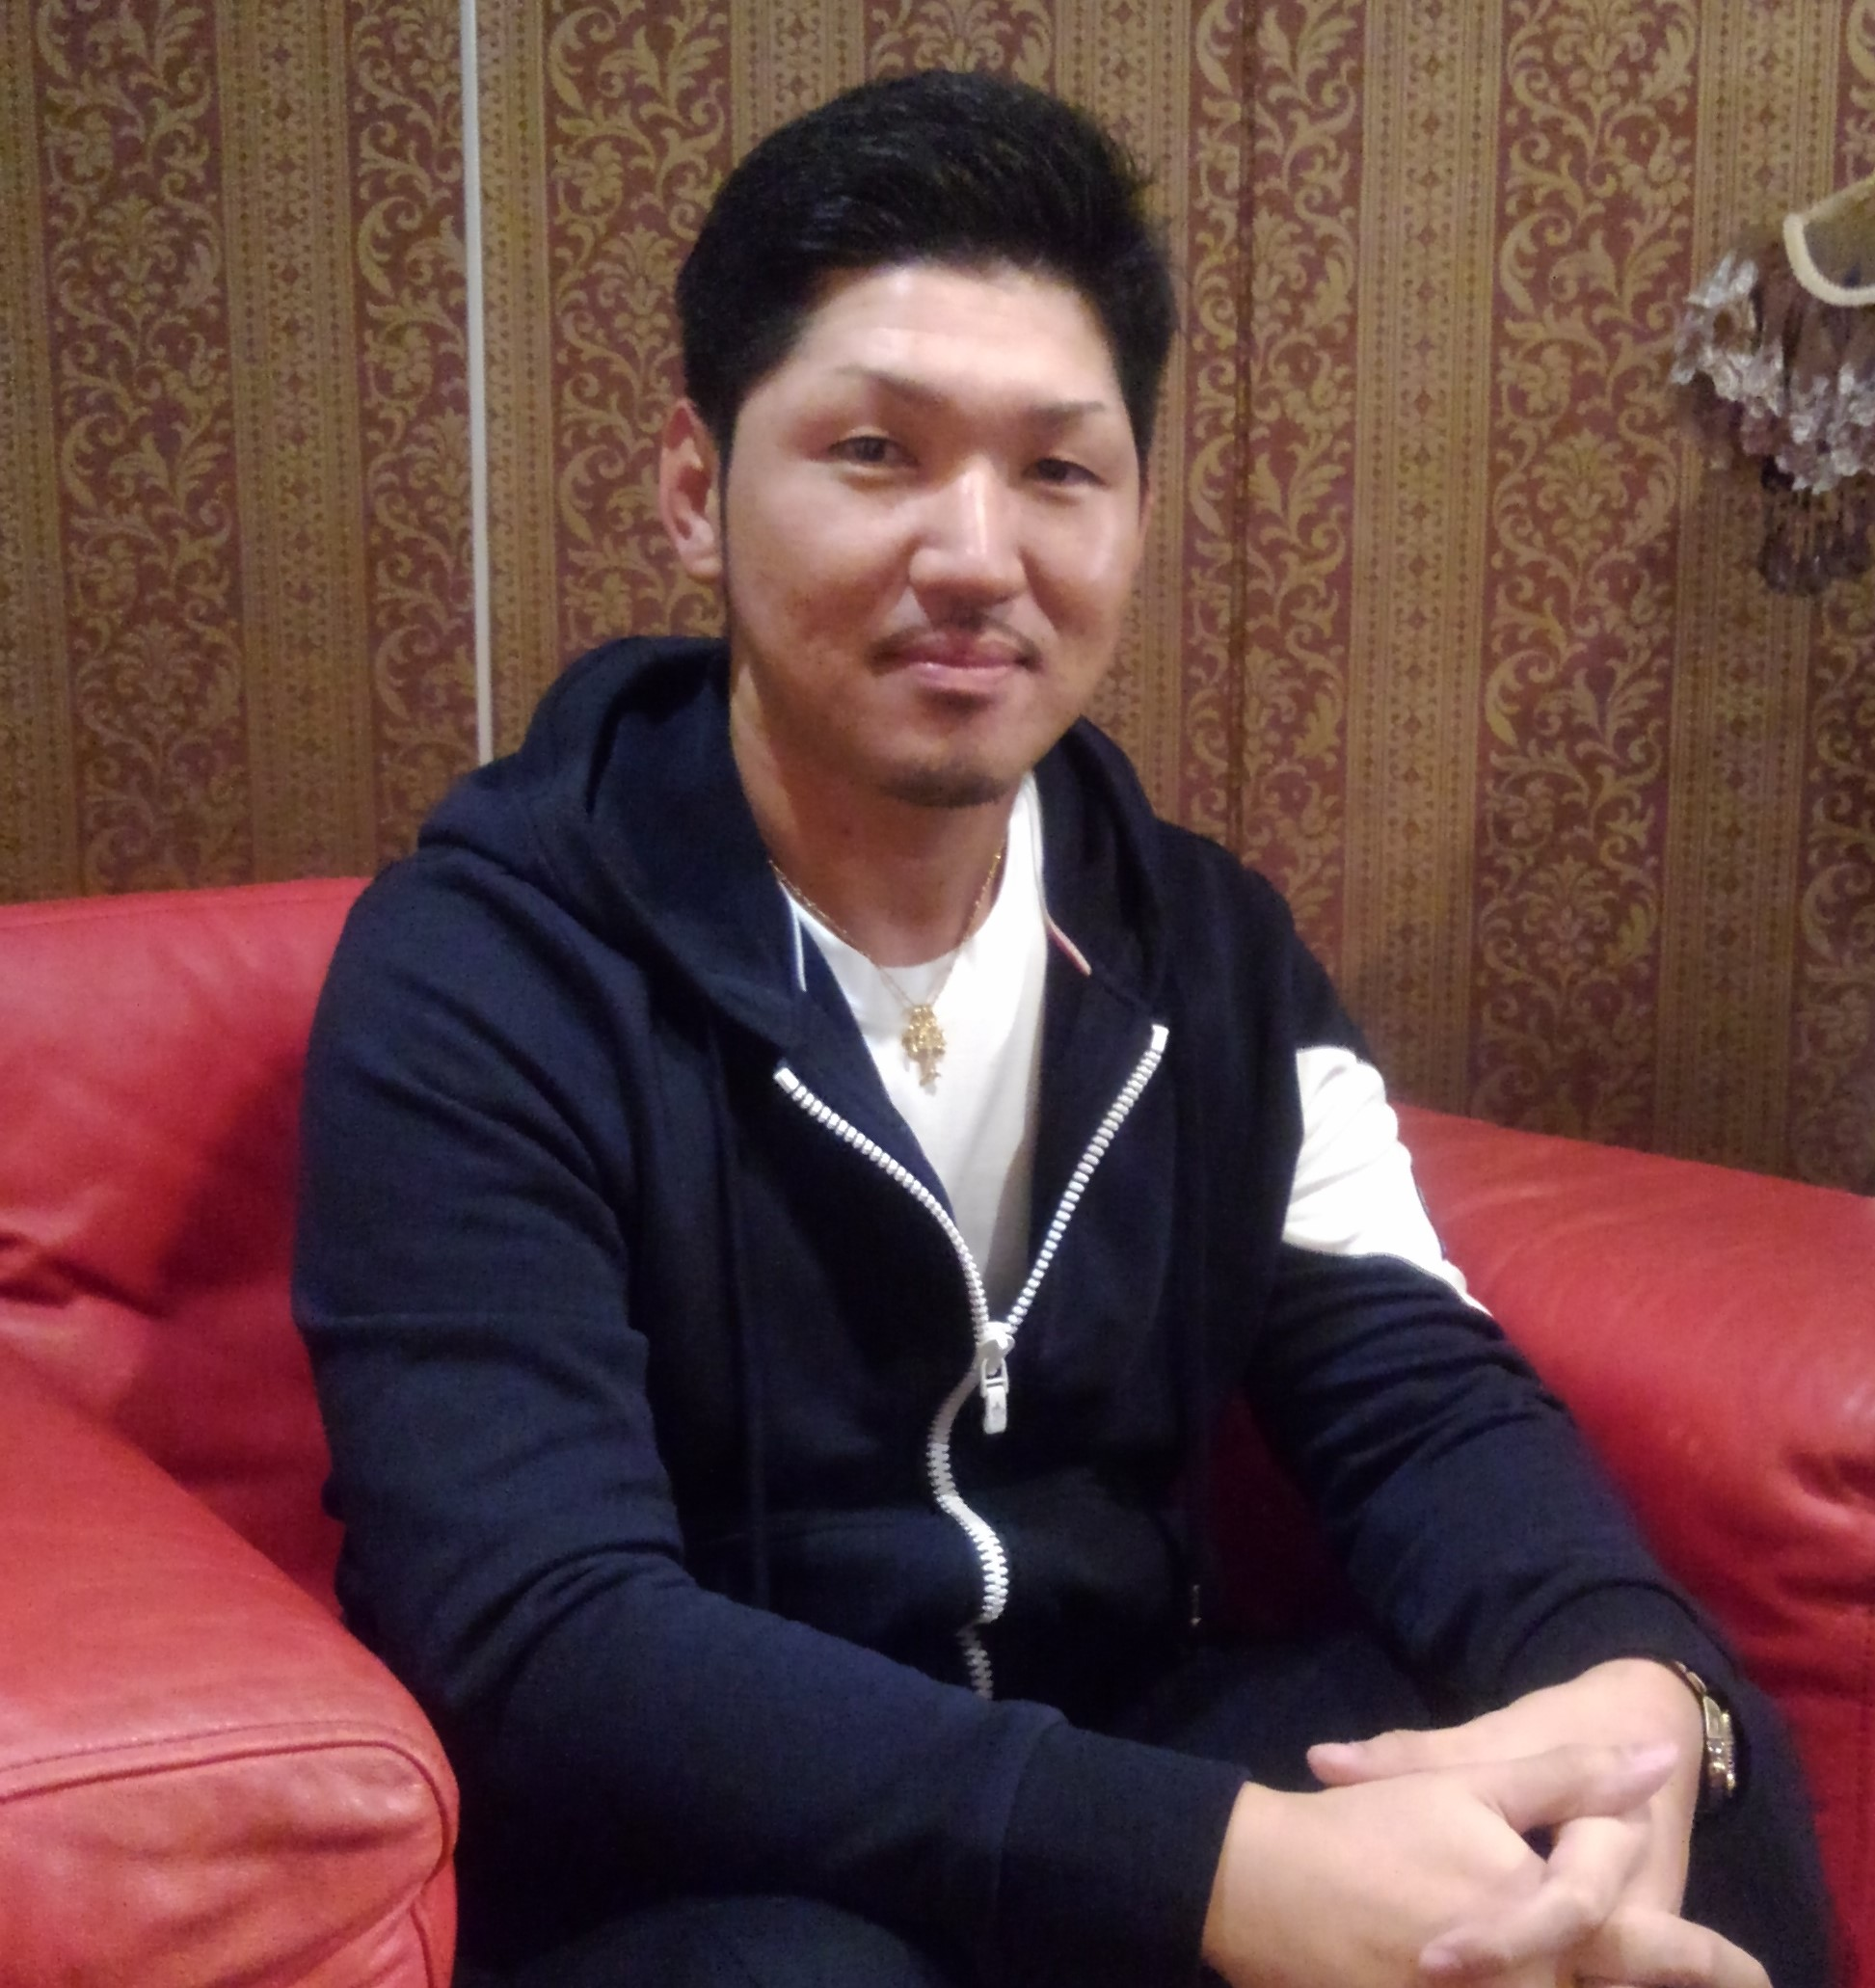 大誠工業専務取締役 青森県在住 清宮様